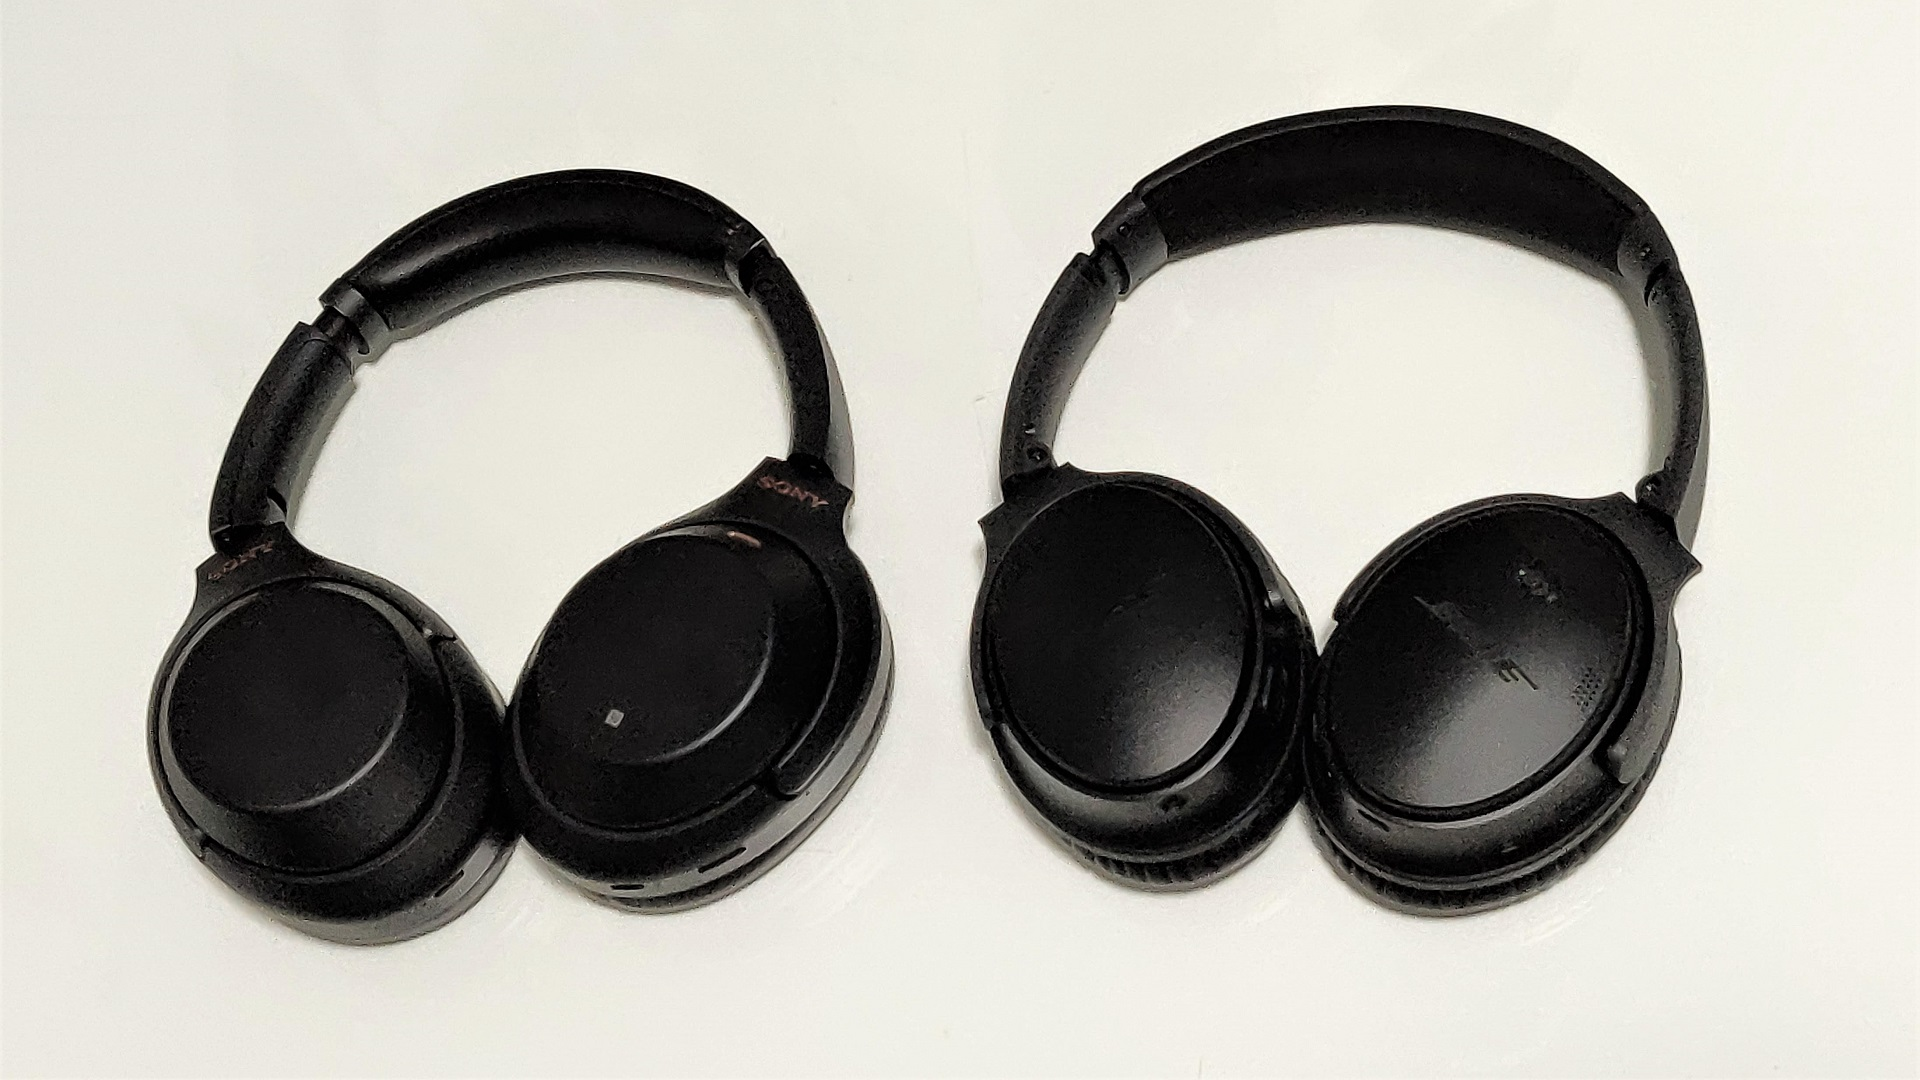 Sony WH-1000XM3 vs Bose QC 35 II